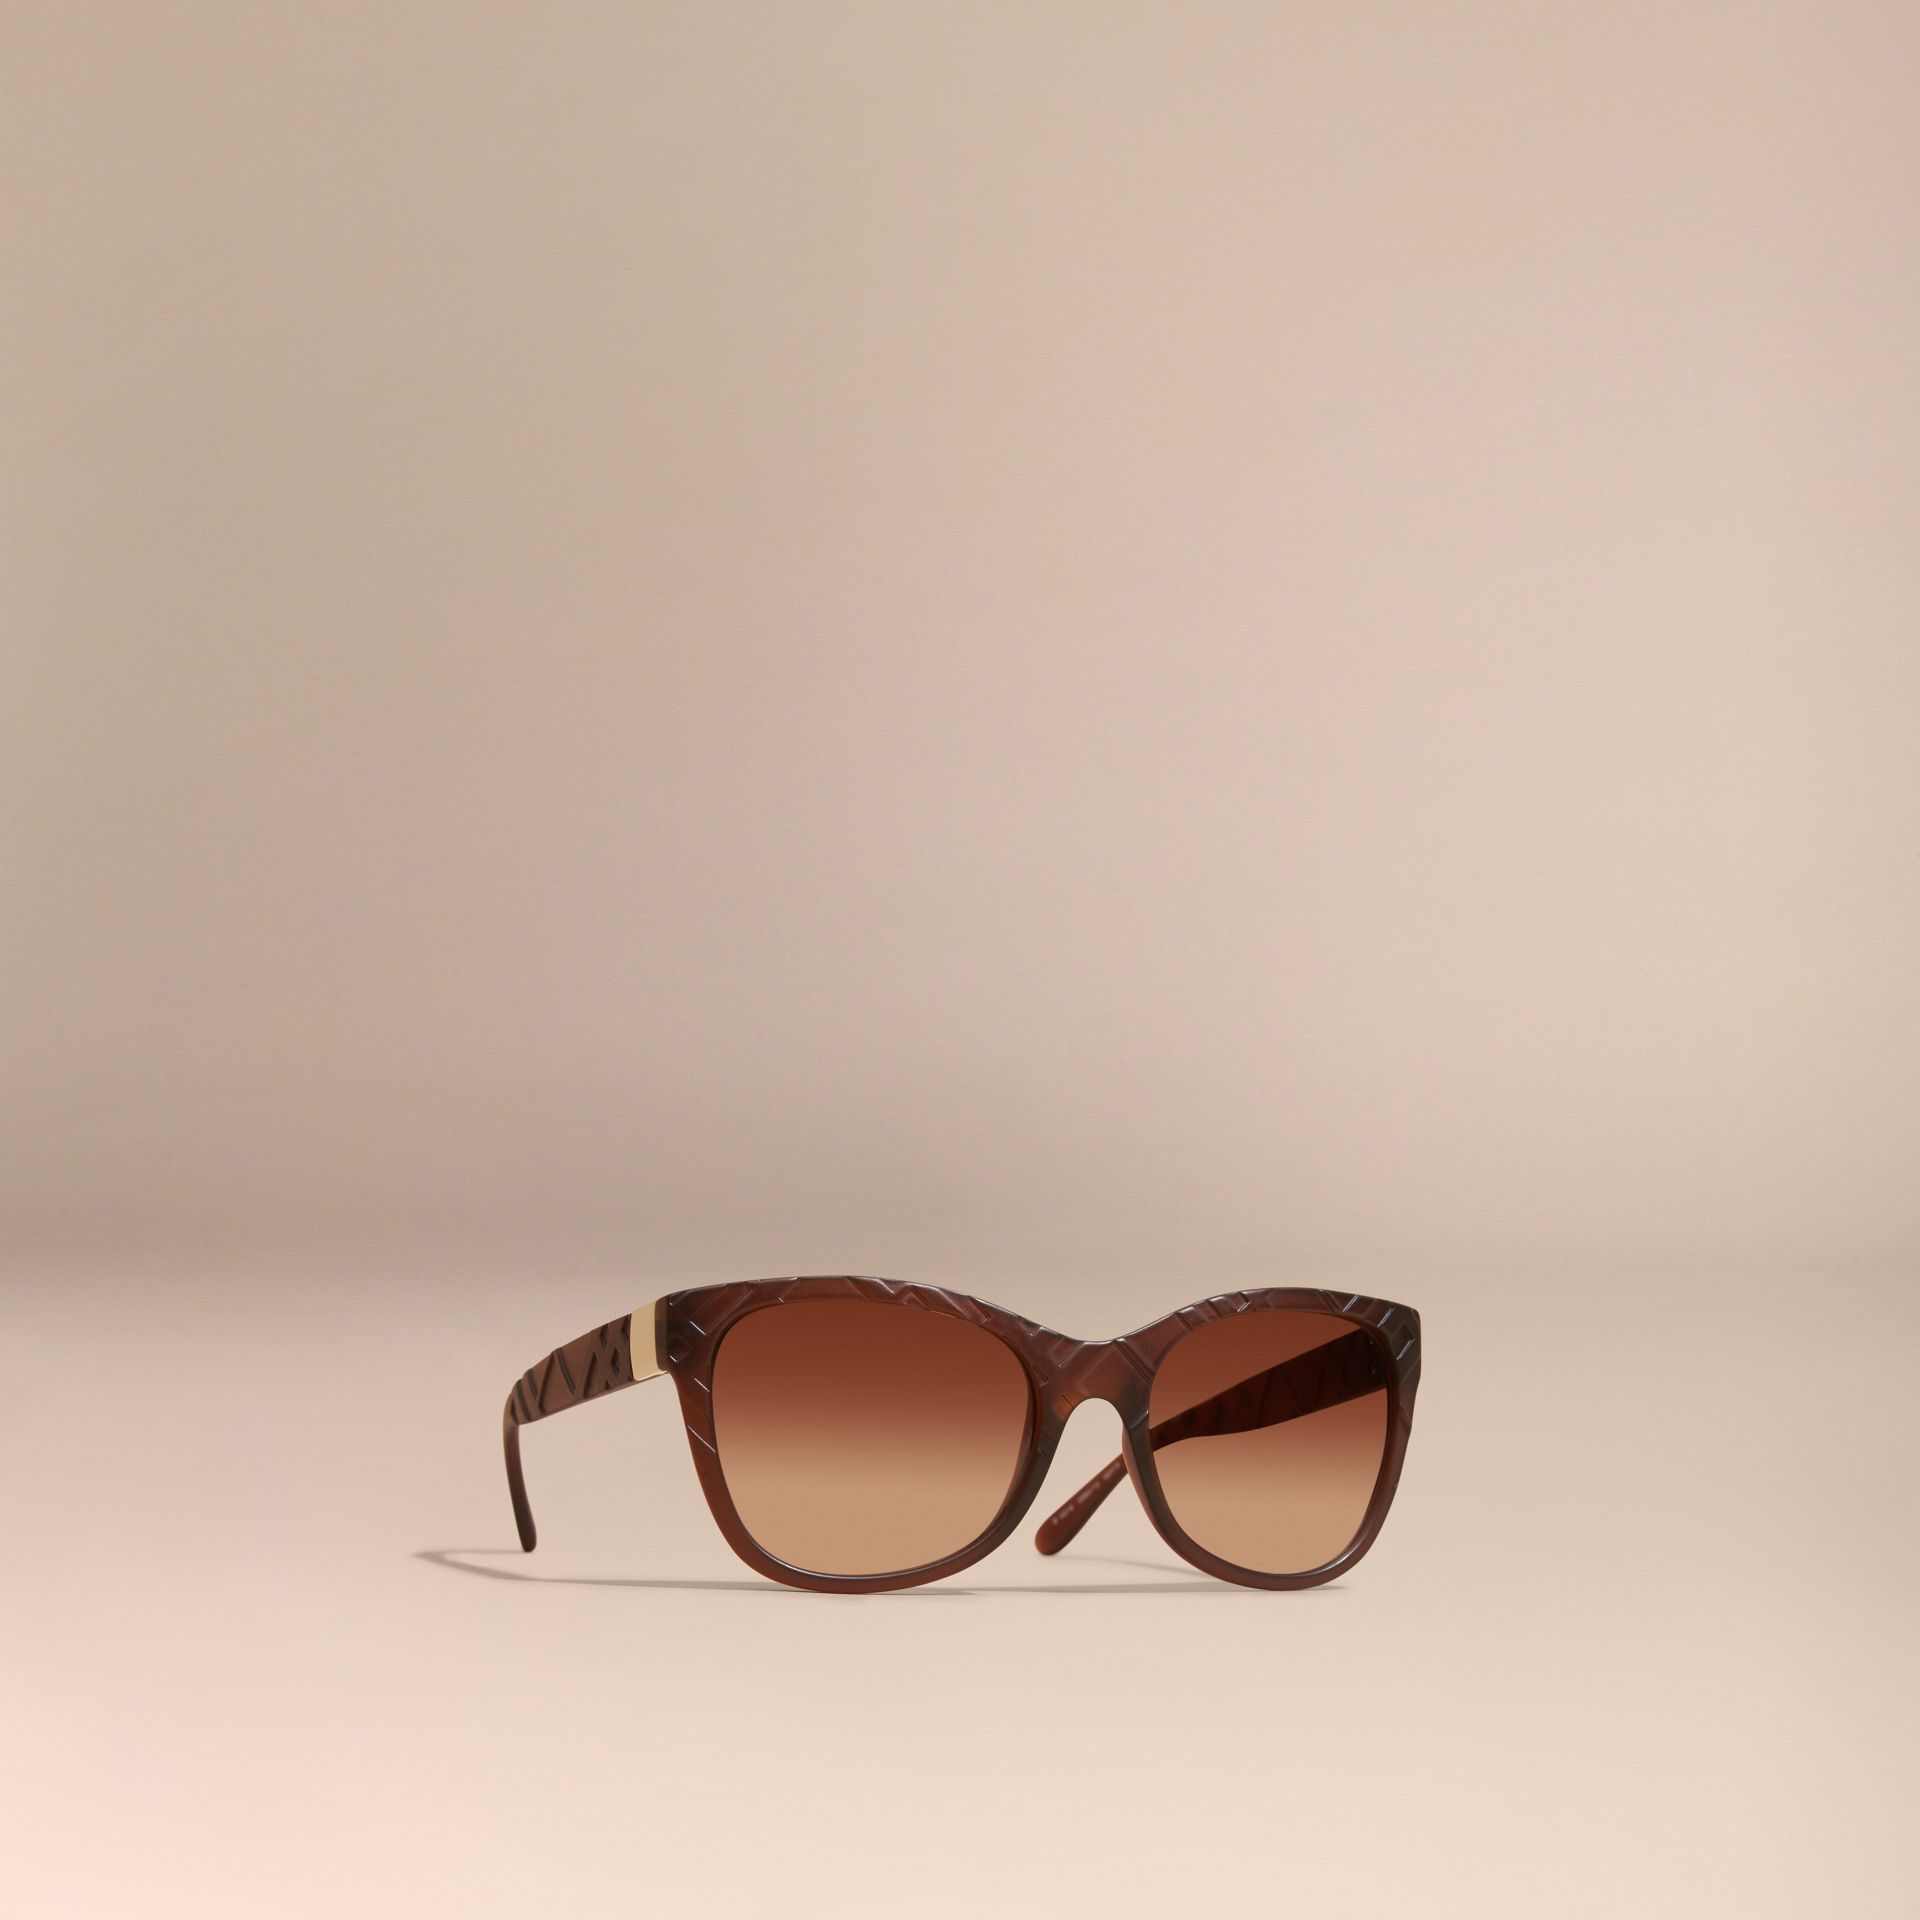 Marrom Óculos de sol com armação quadrada em xadrez 3D Marrom - galeria de imagens 1